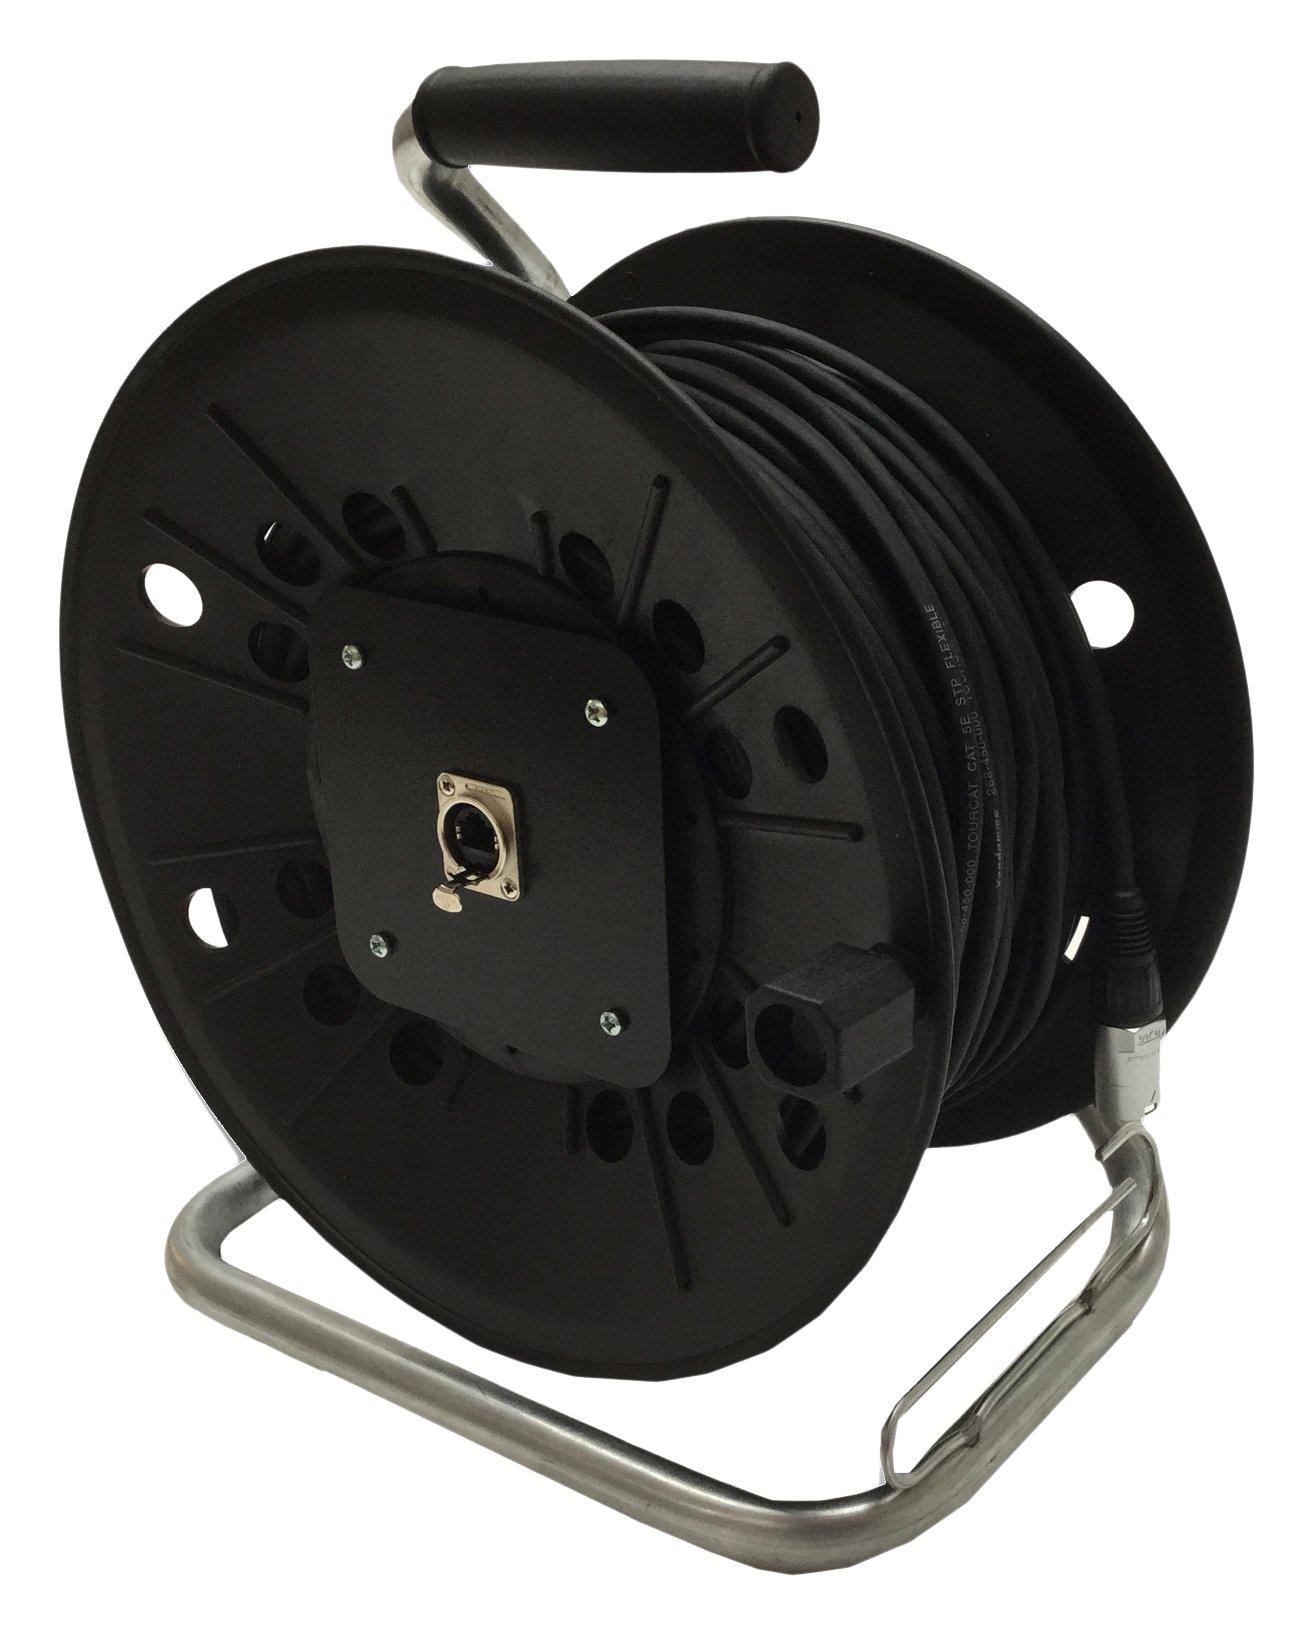 Neutrik Cat5e Lead on Plastic Reel 100 m Ethercon Van Damme Cable